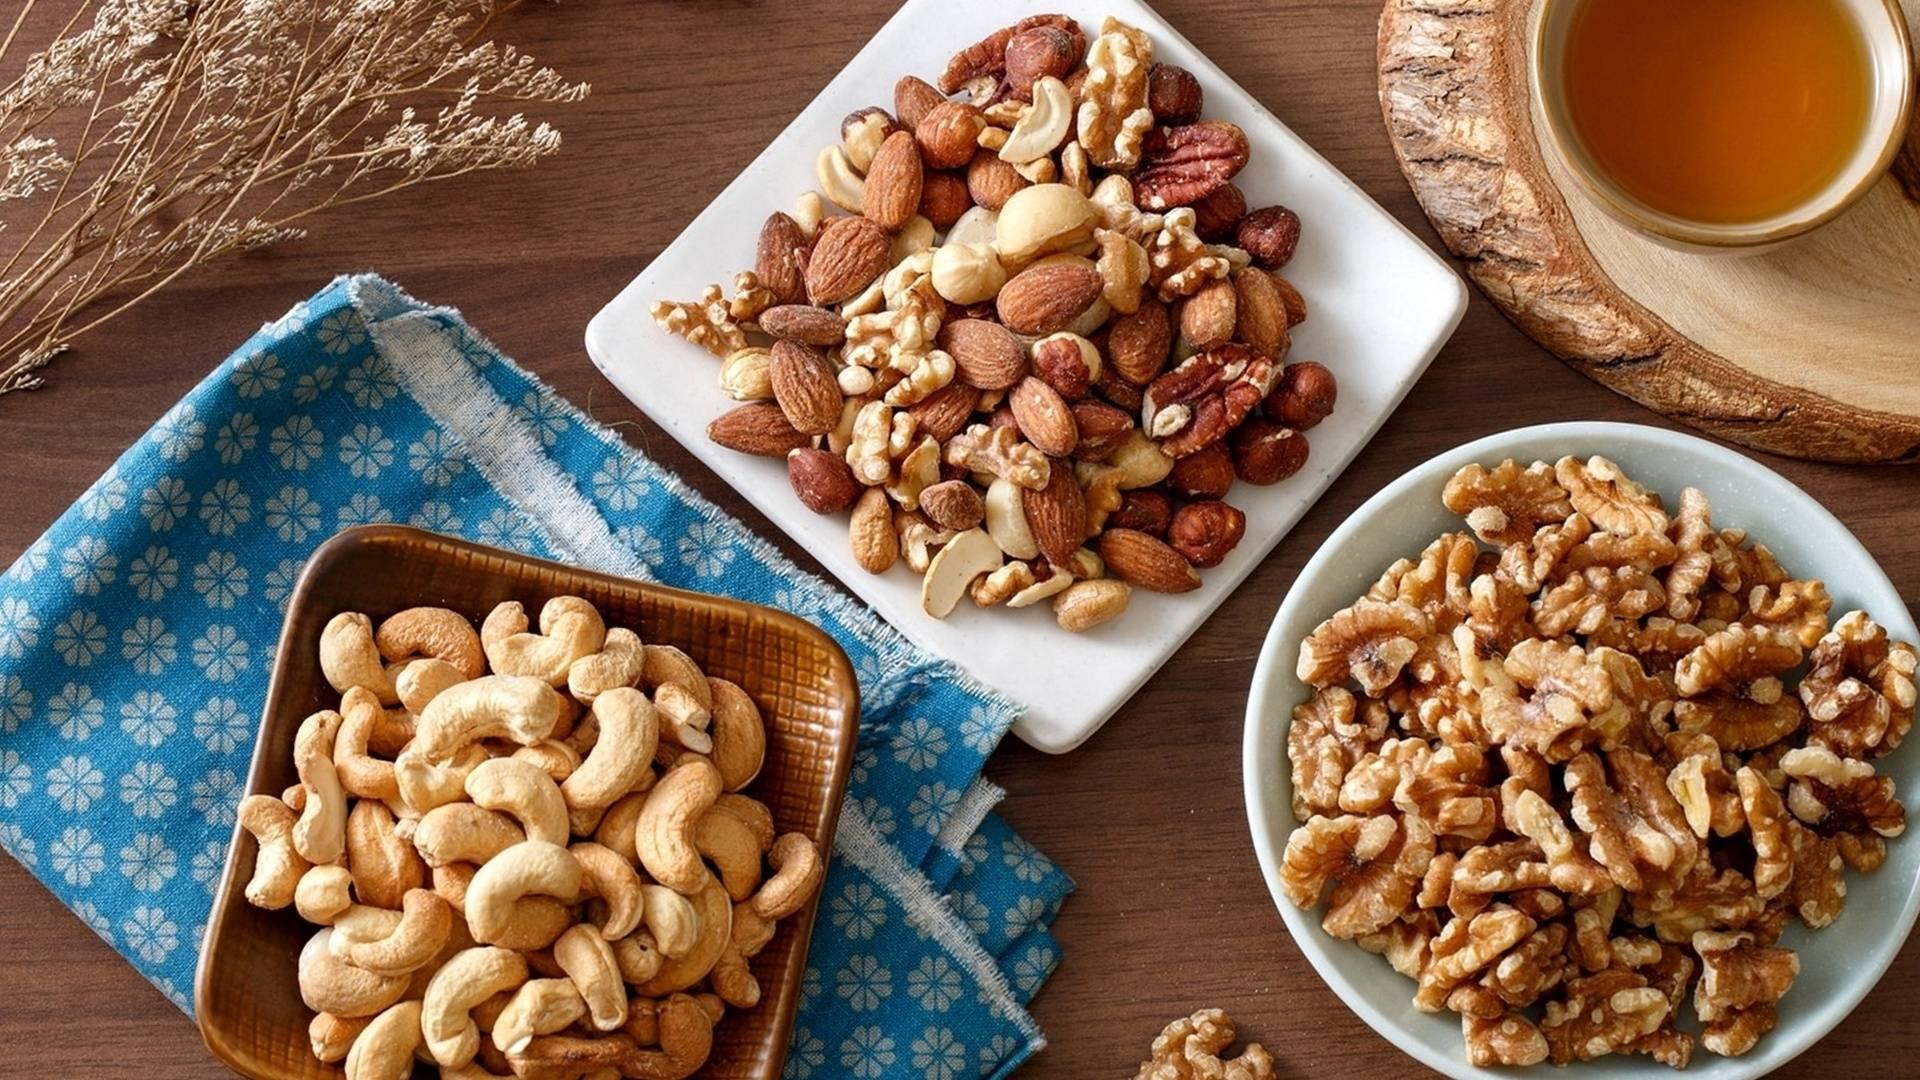 Какие орехи наиболее полезны для наращивания мышечной массы